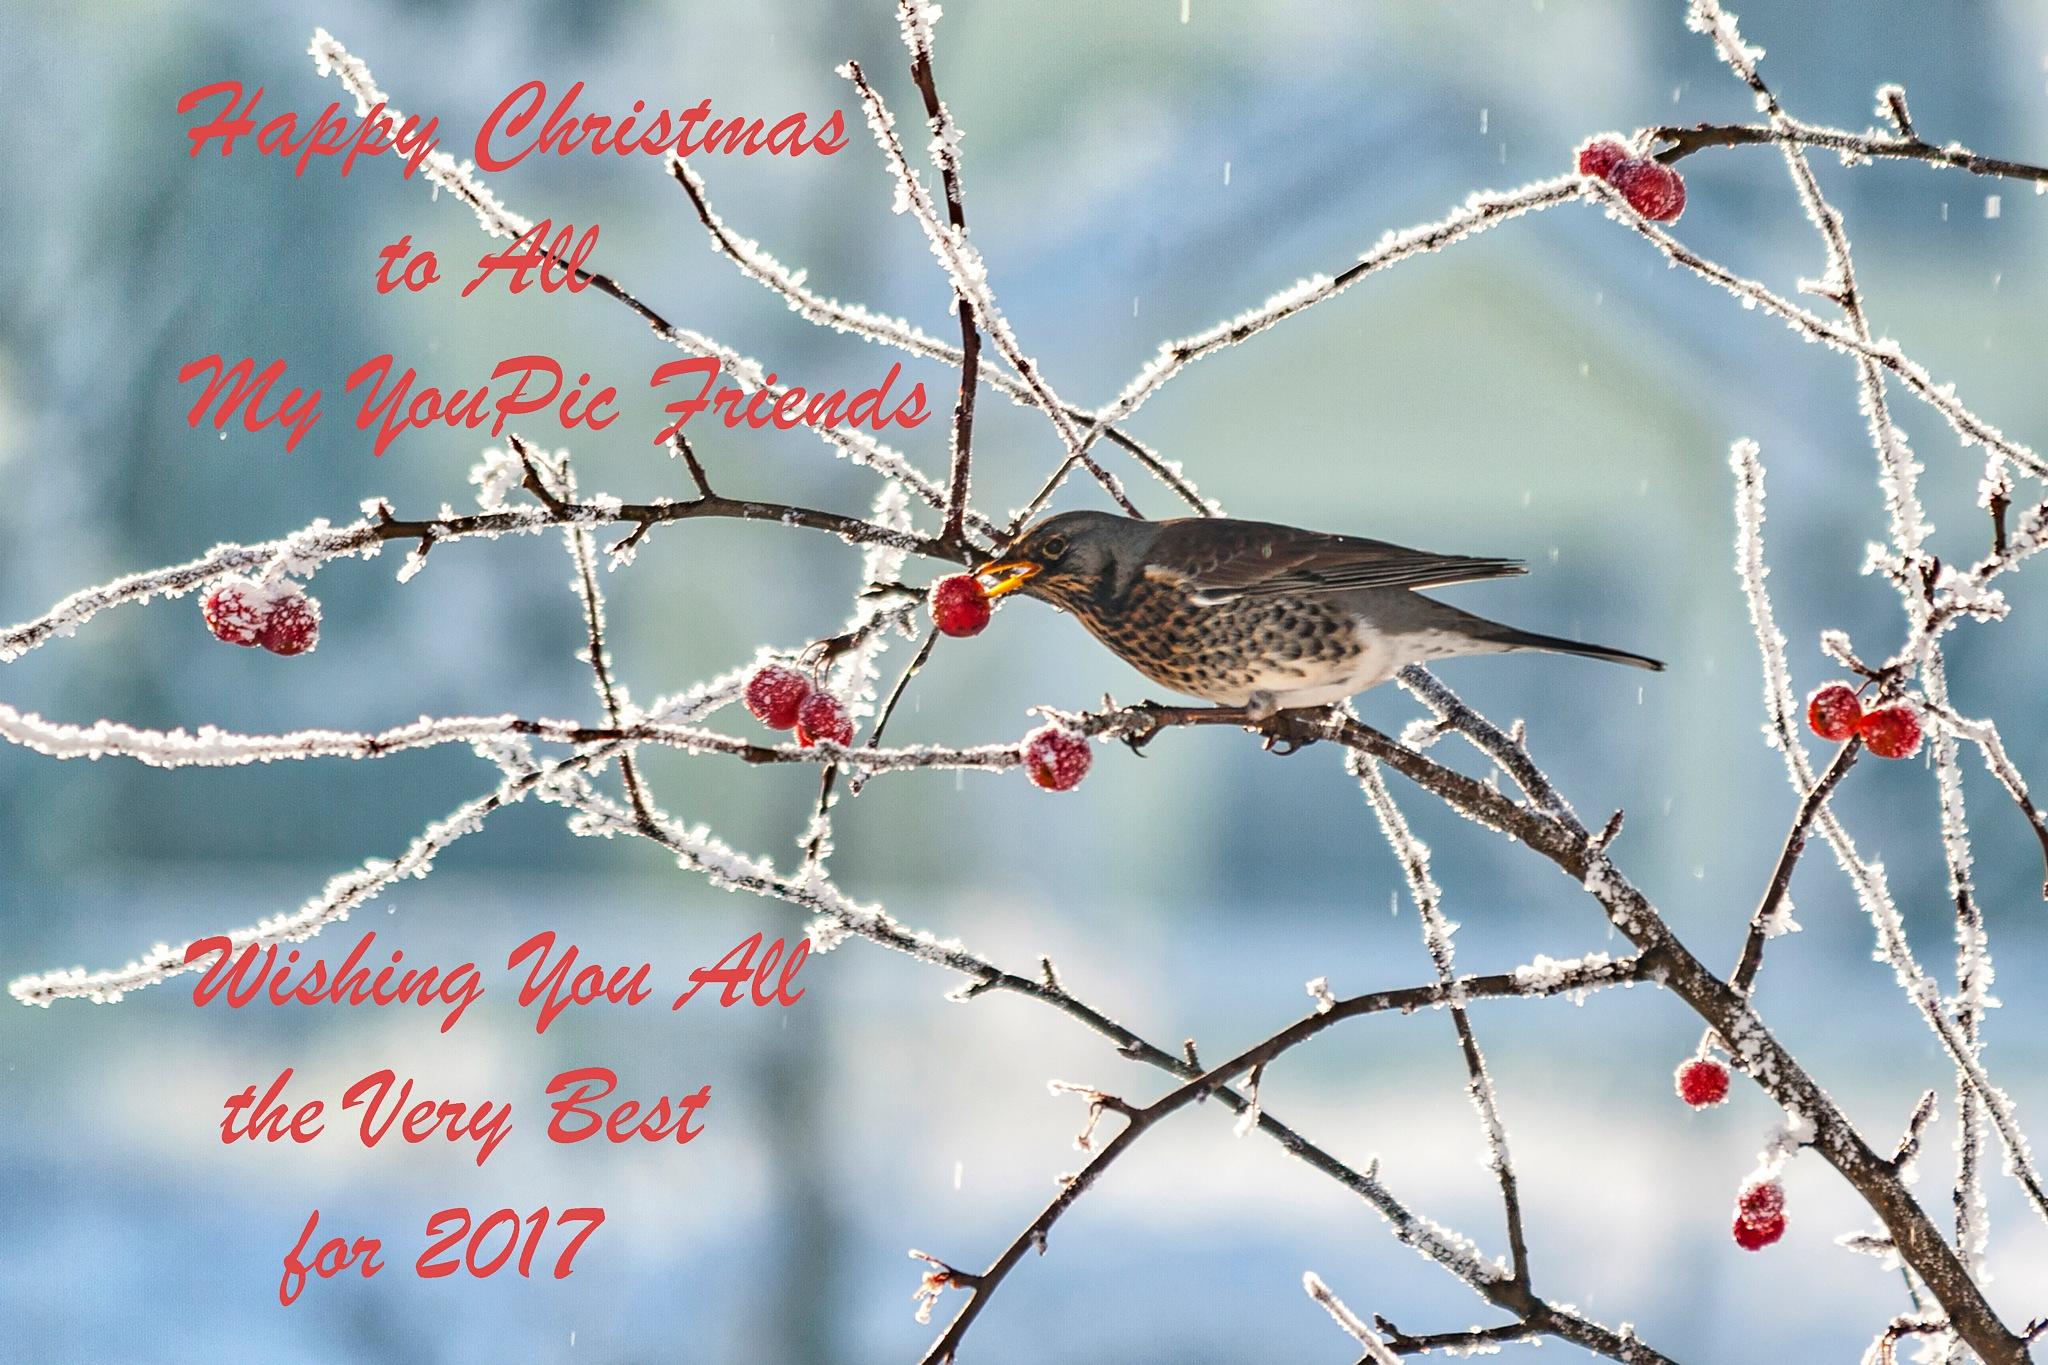 Christmas Greetings by Declan Byrne